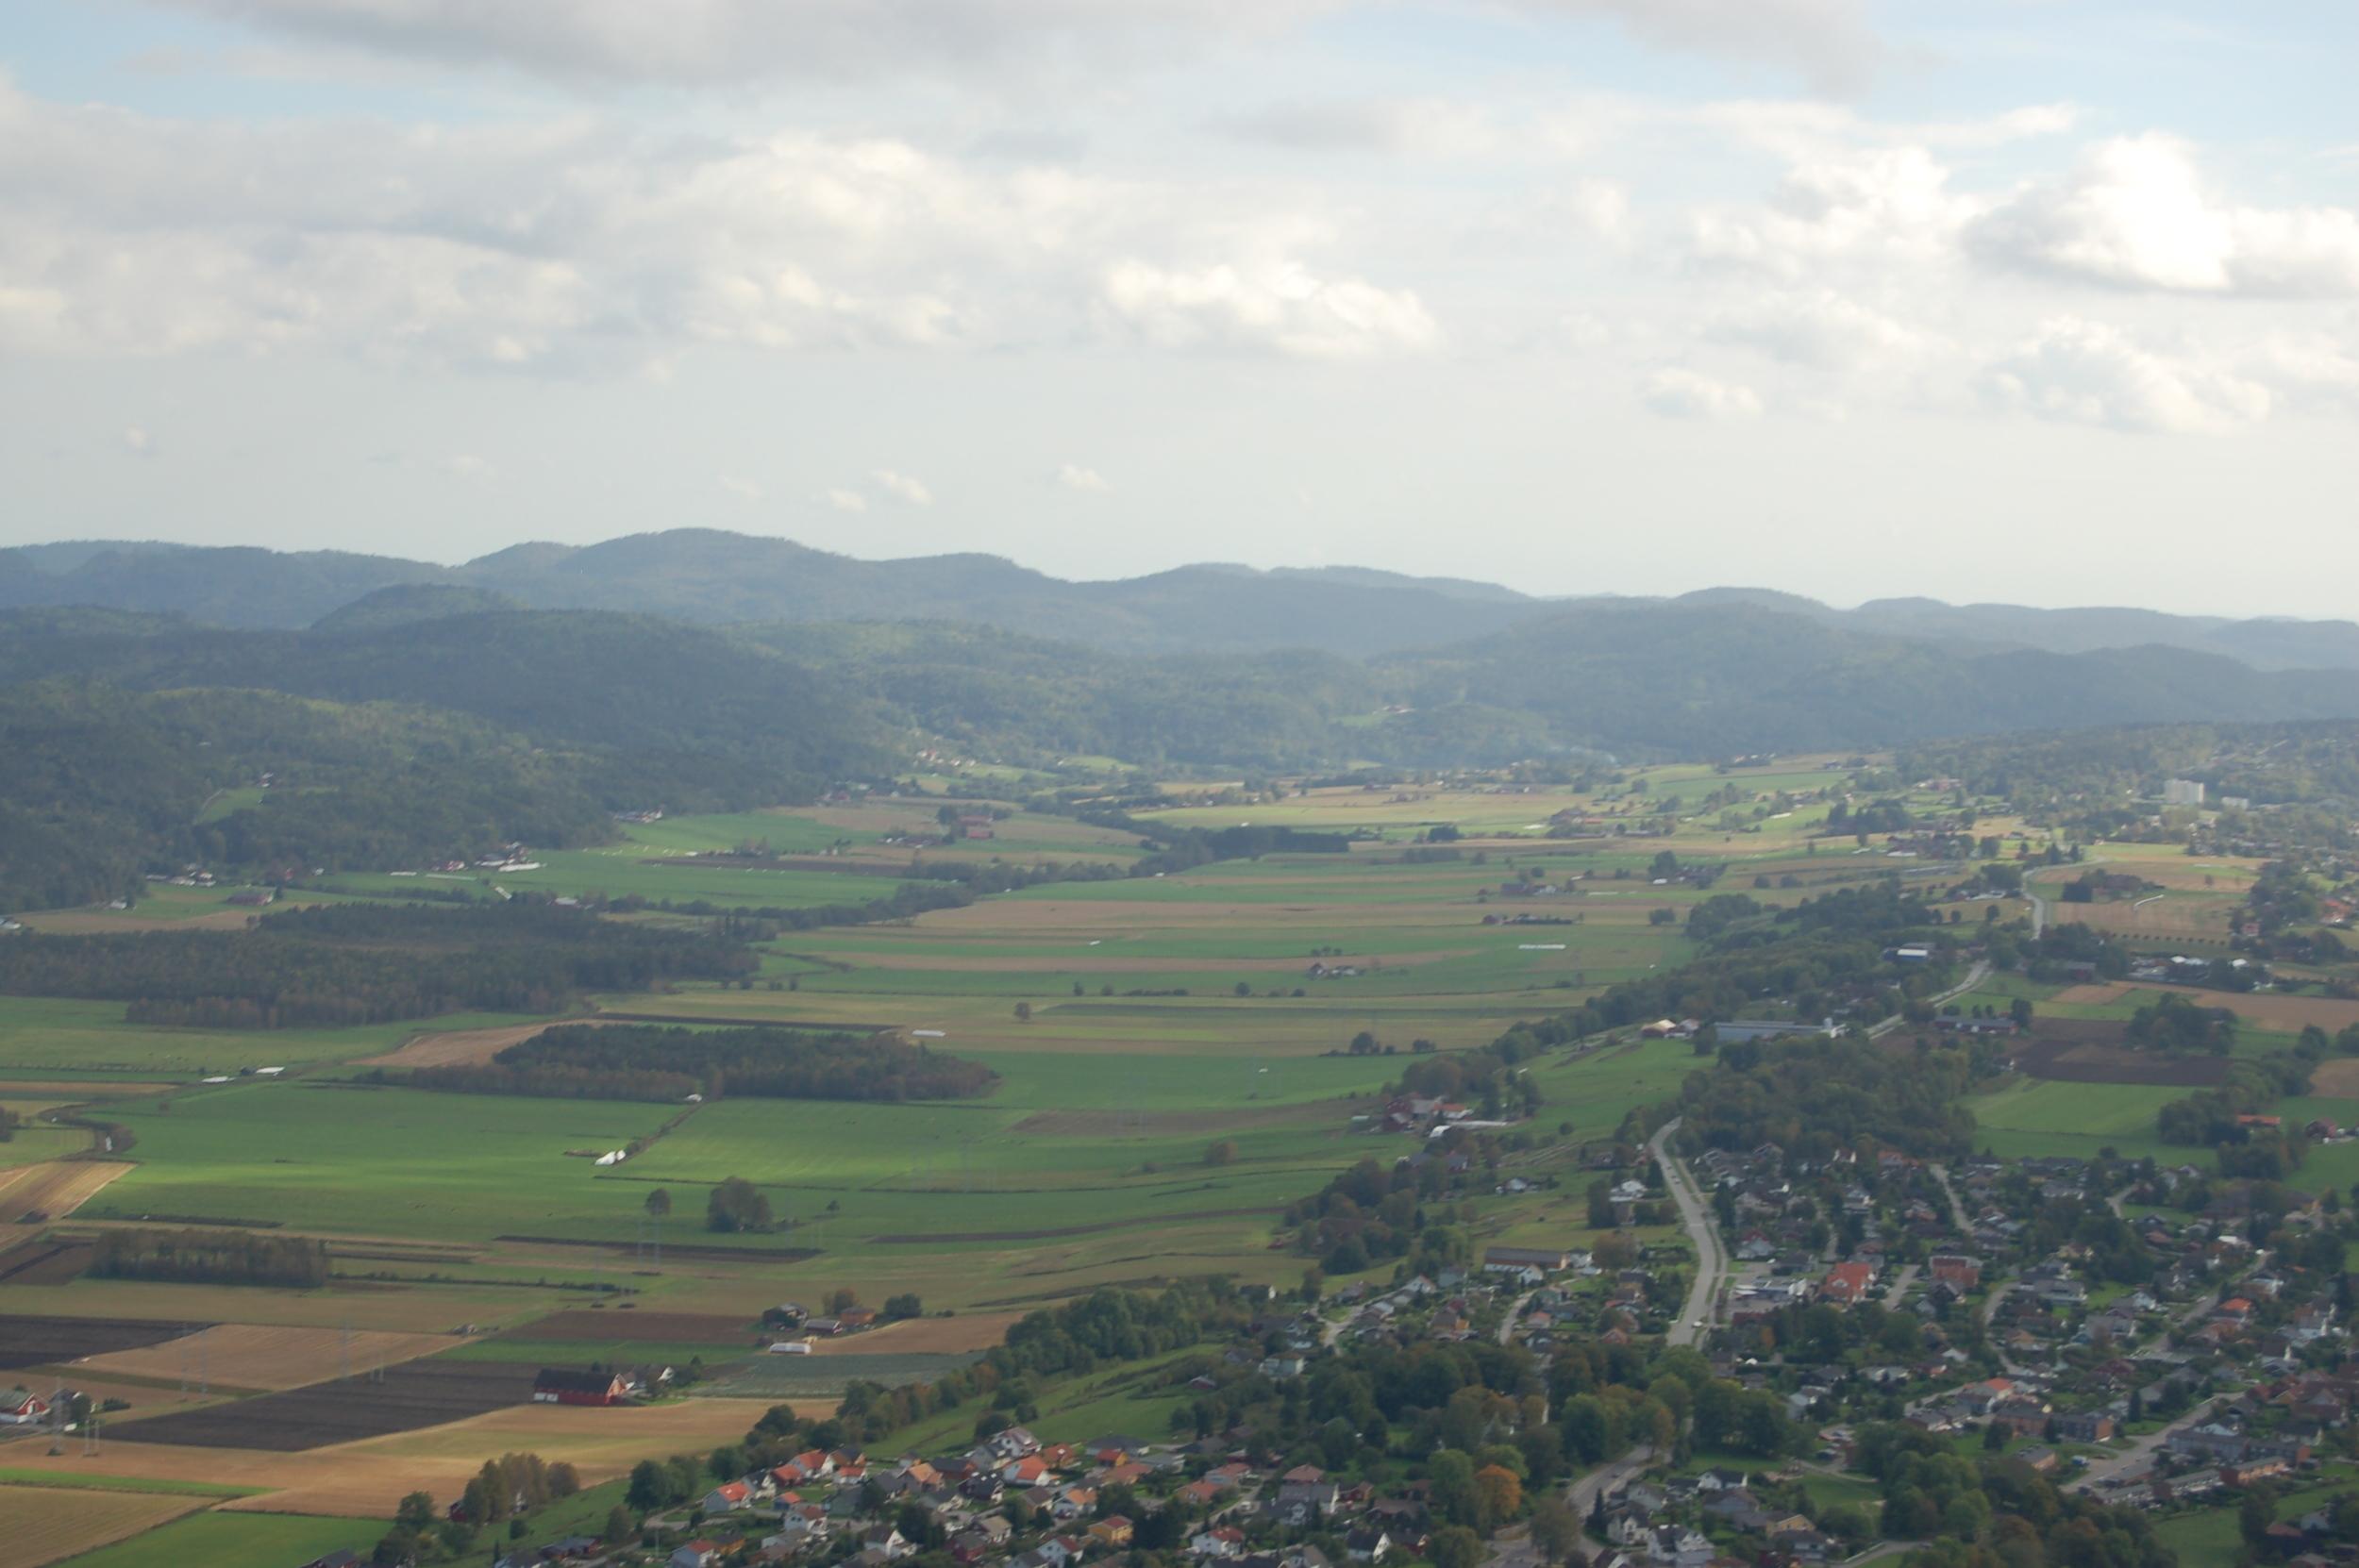 Gjerpensdalen, nasjonalt viktig kulturlandskapsområde i vassdraget